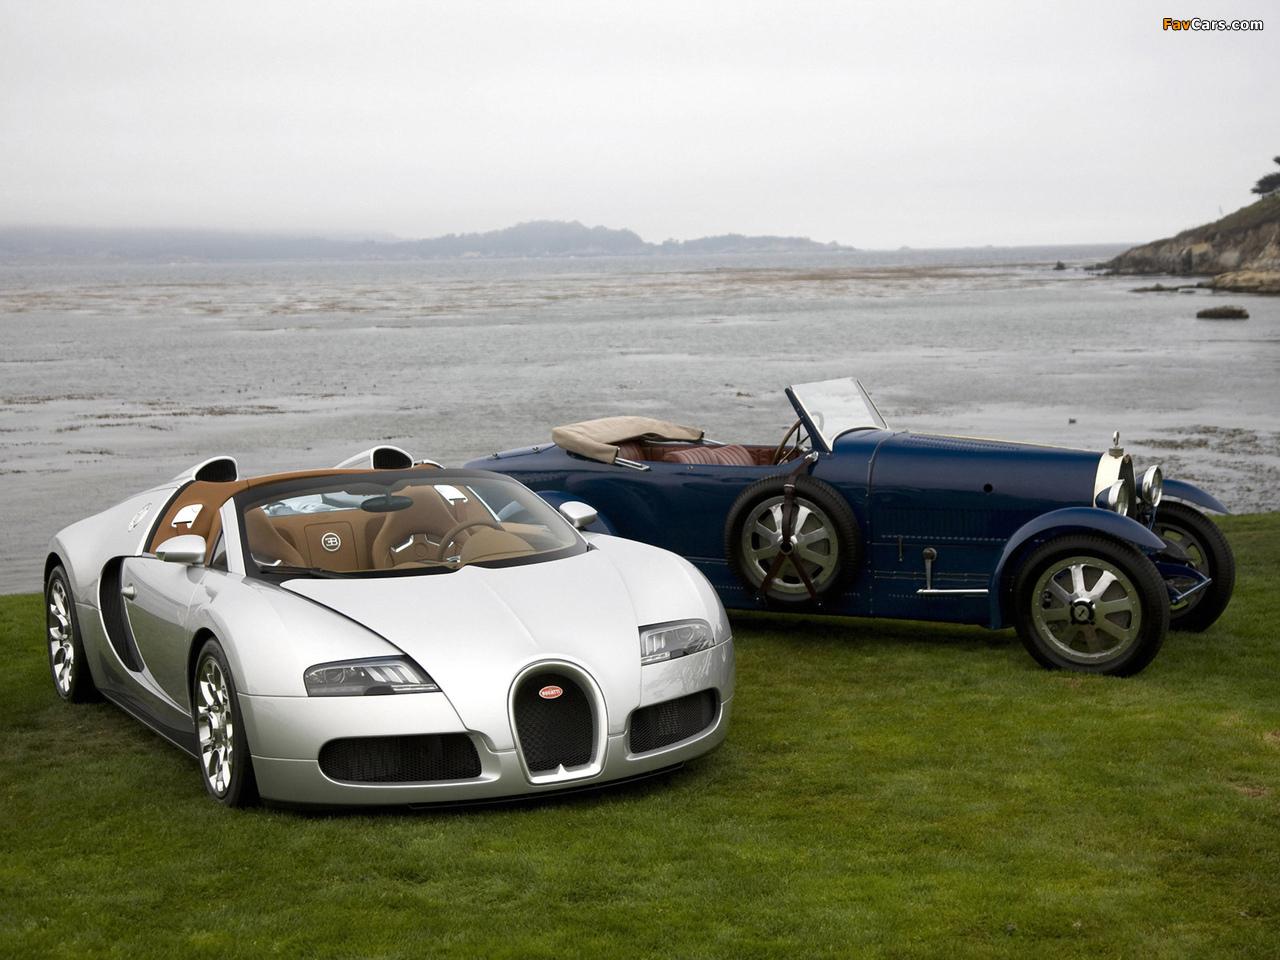 Bugatti pictures (1280 x 960)